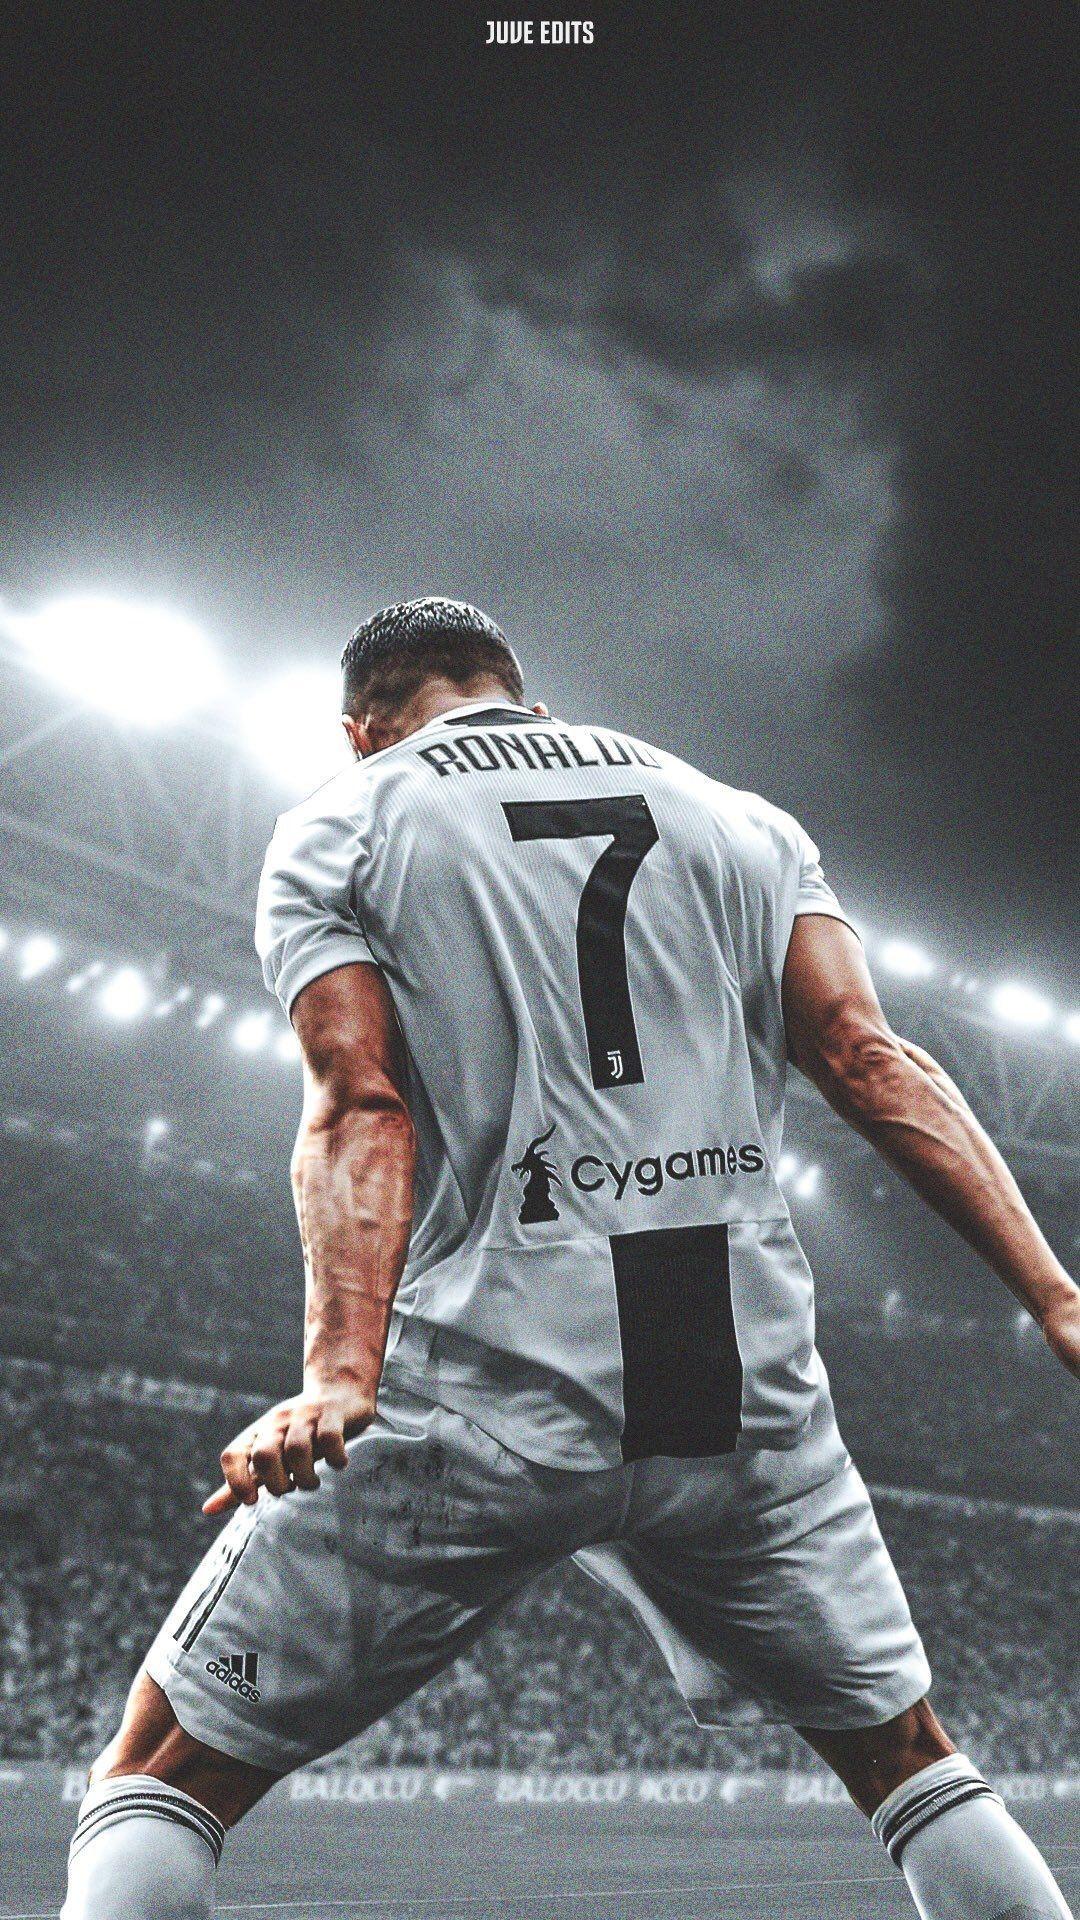 Ghim của Sebastiaan trên Voetbal Bóng đá, Ronaldo, Thể thao